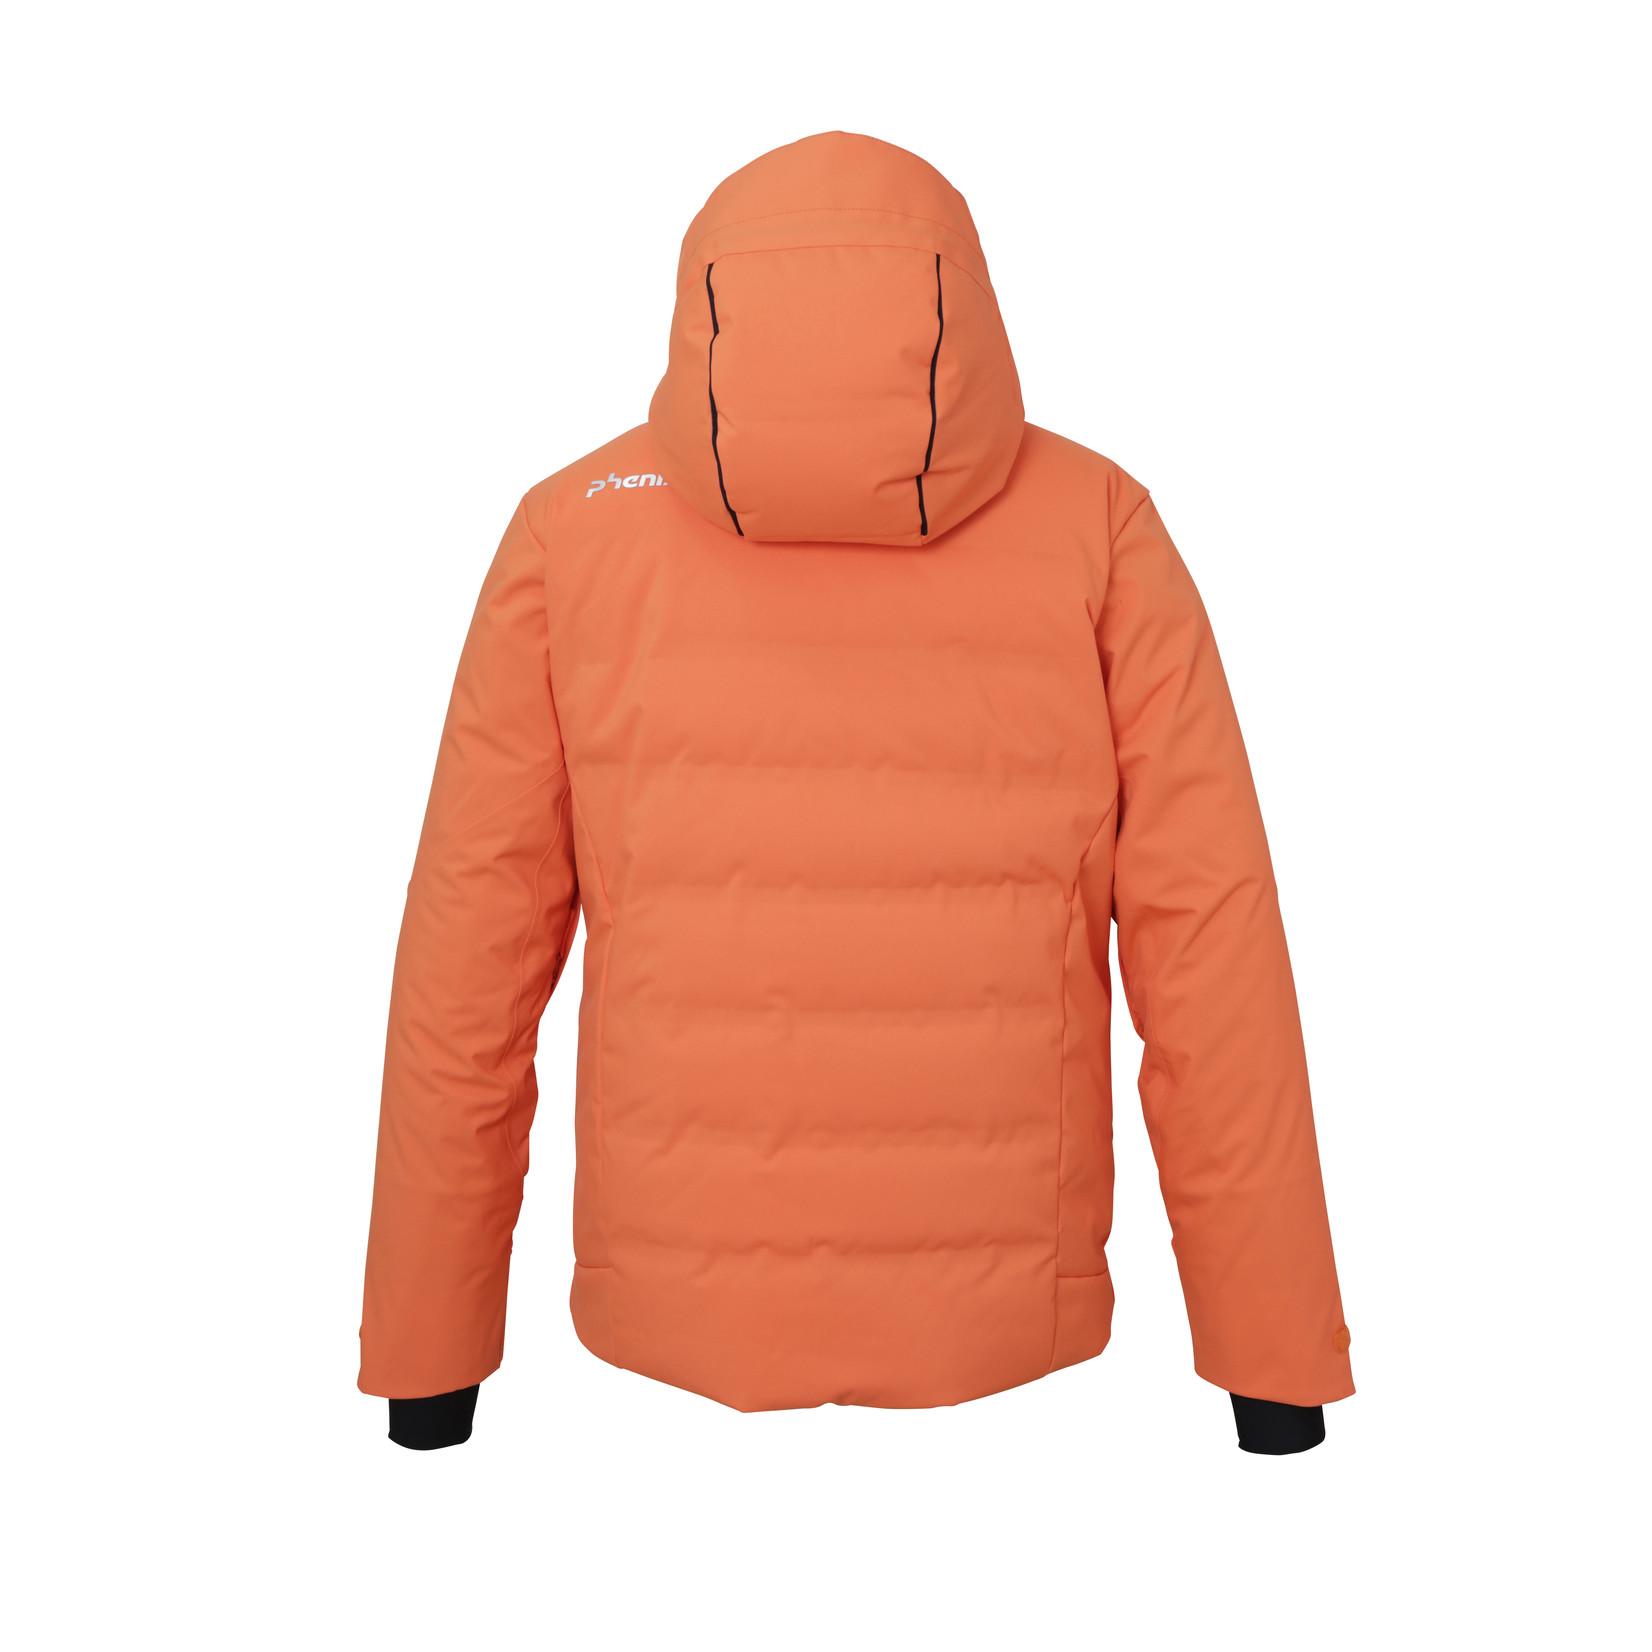 PHENIX Escala Jacket